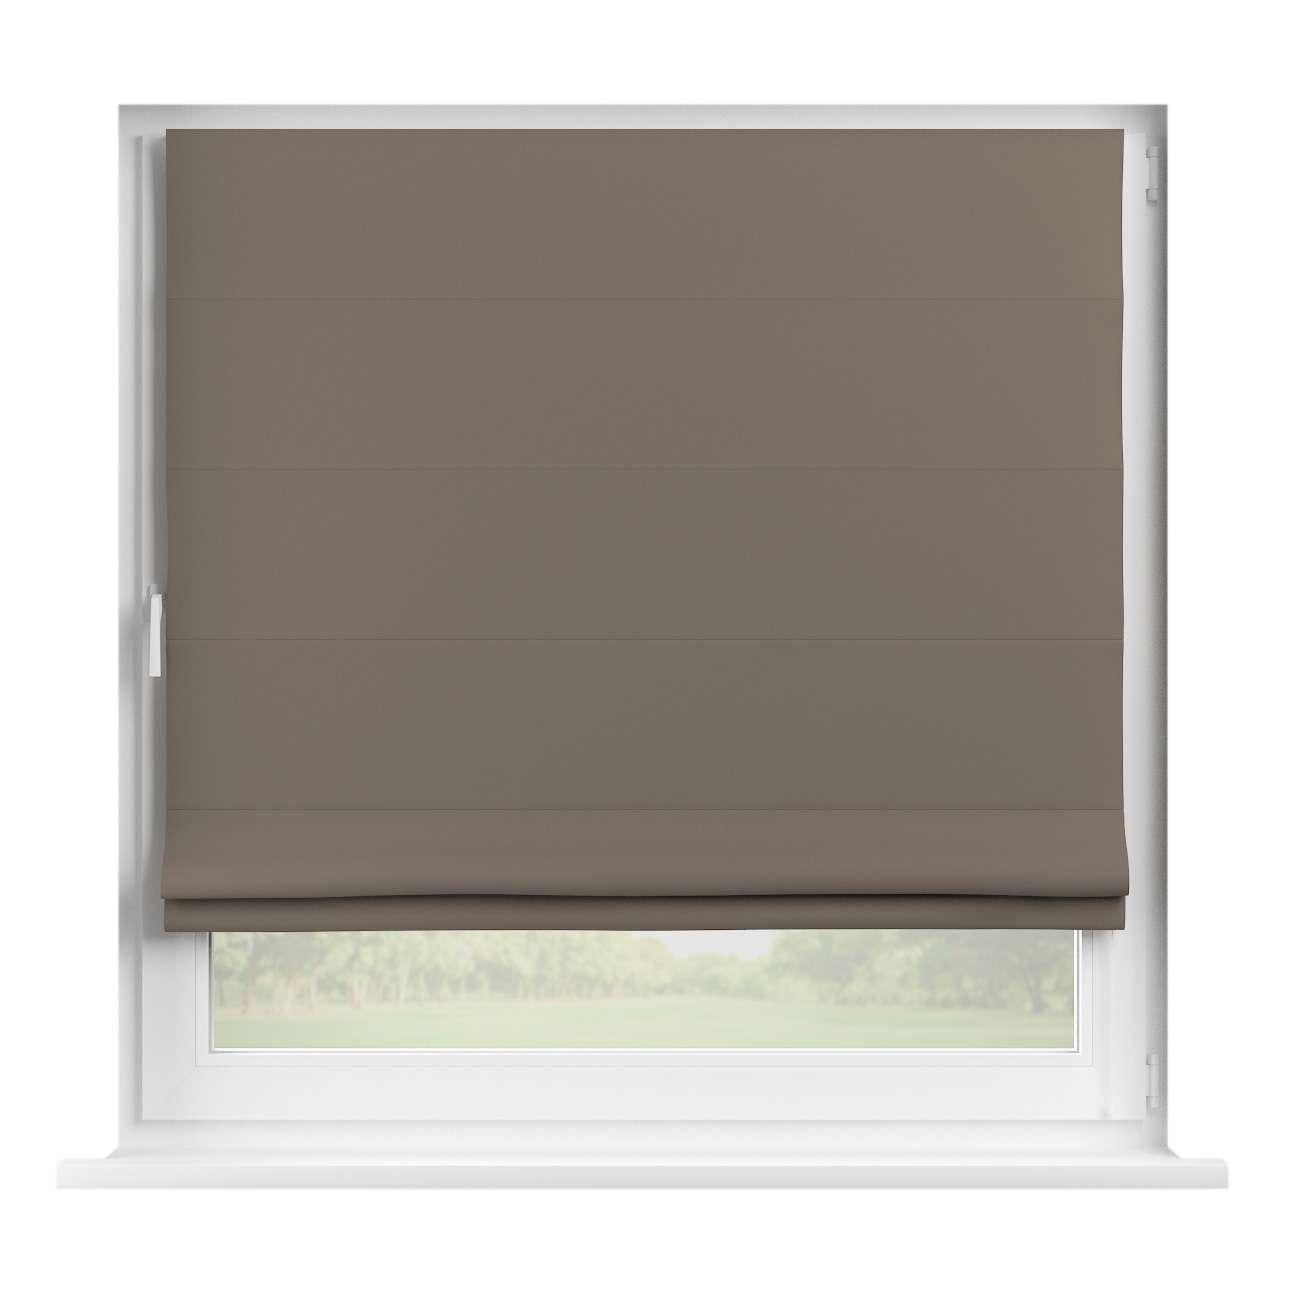 Verdunklungsraffrollo 80 x 170 cm von der Kollektion Blackout (verdunkelnd), Stoff: 269-80